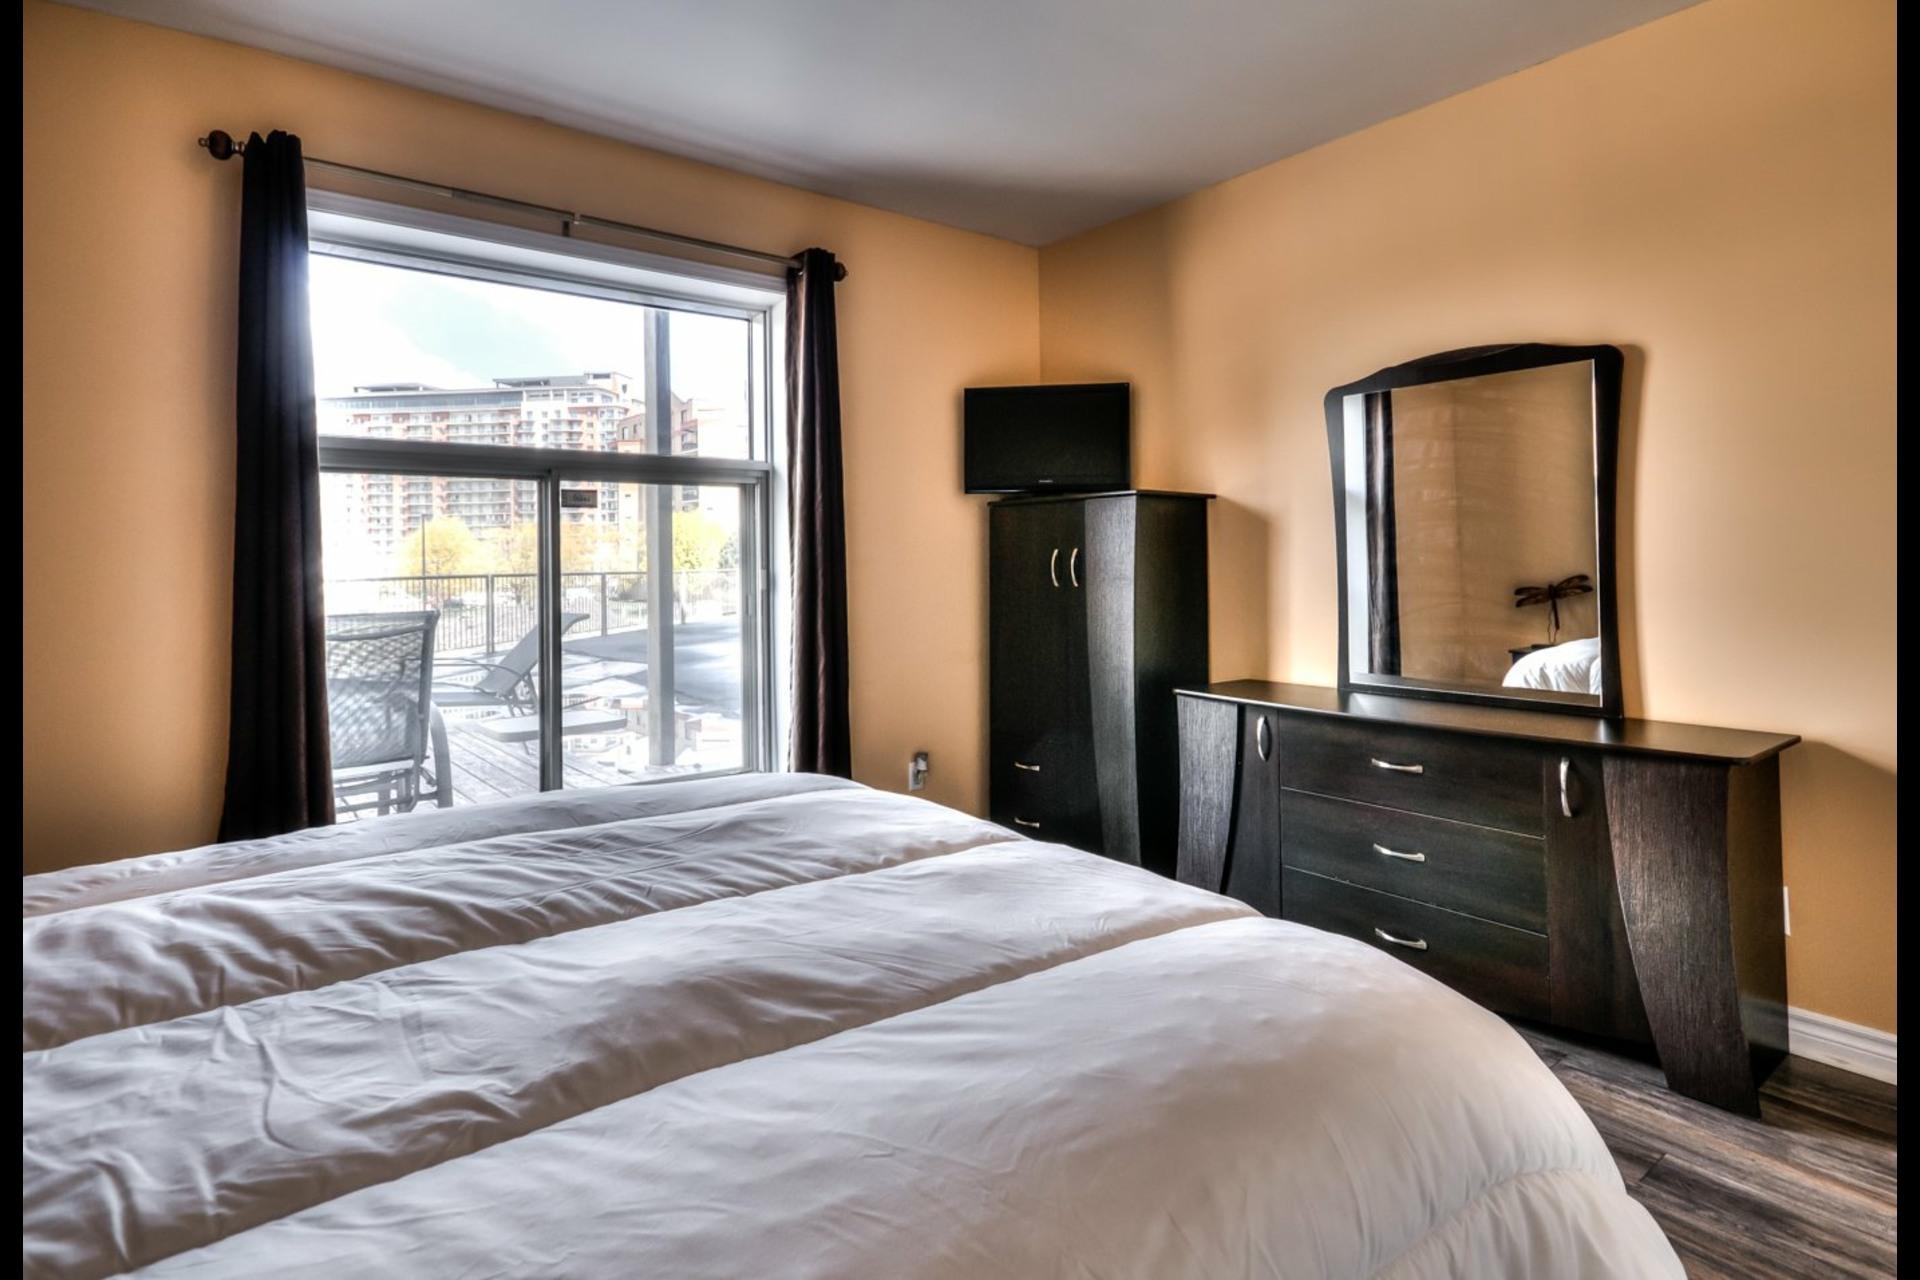 image 14 - Appartement À vendre Brossard - 5 pièces